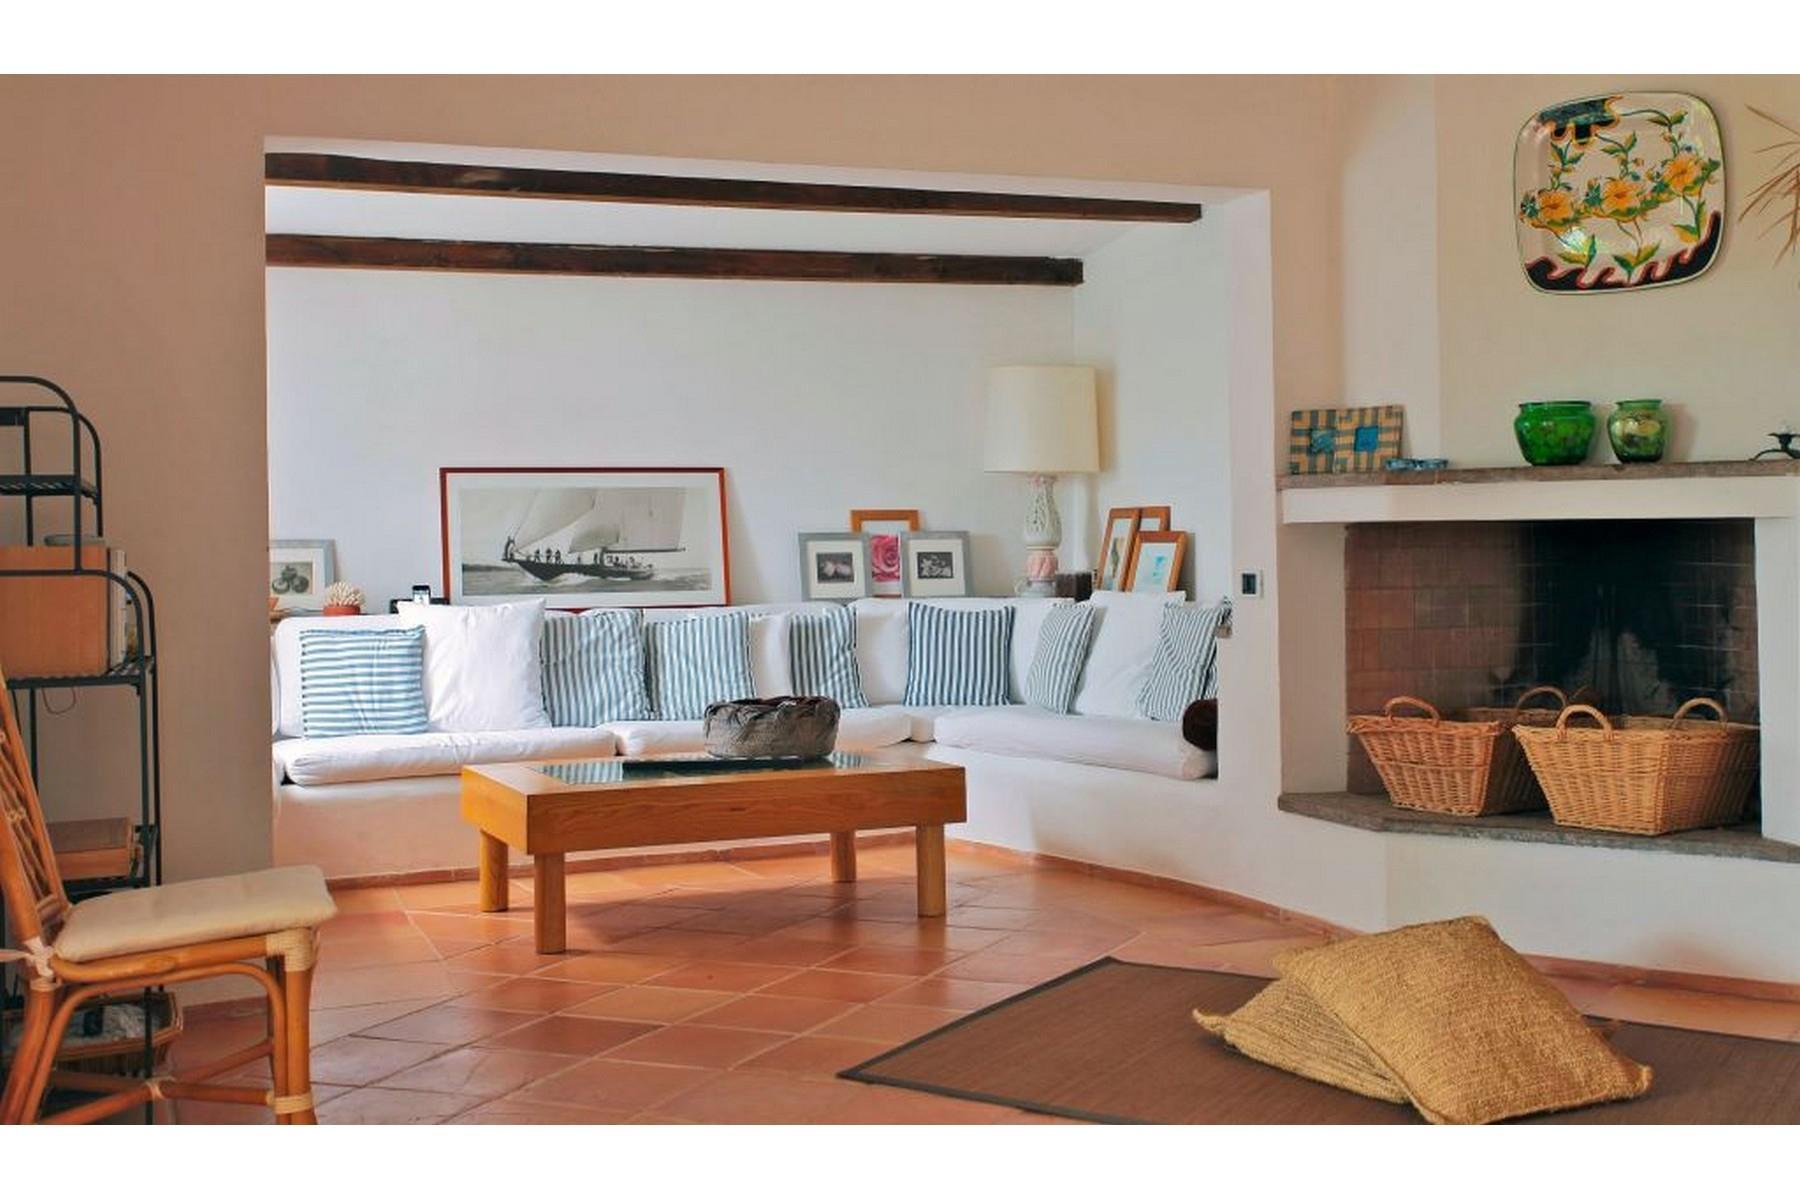 Bright seafront apartment in Porto cervo marina - 7